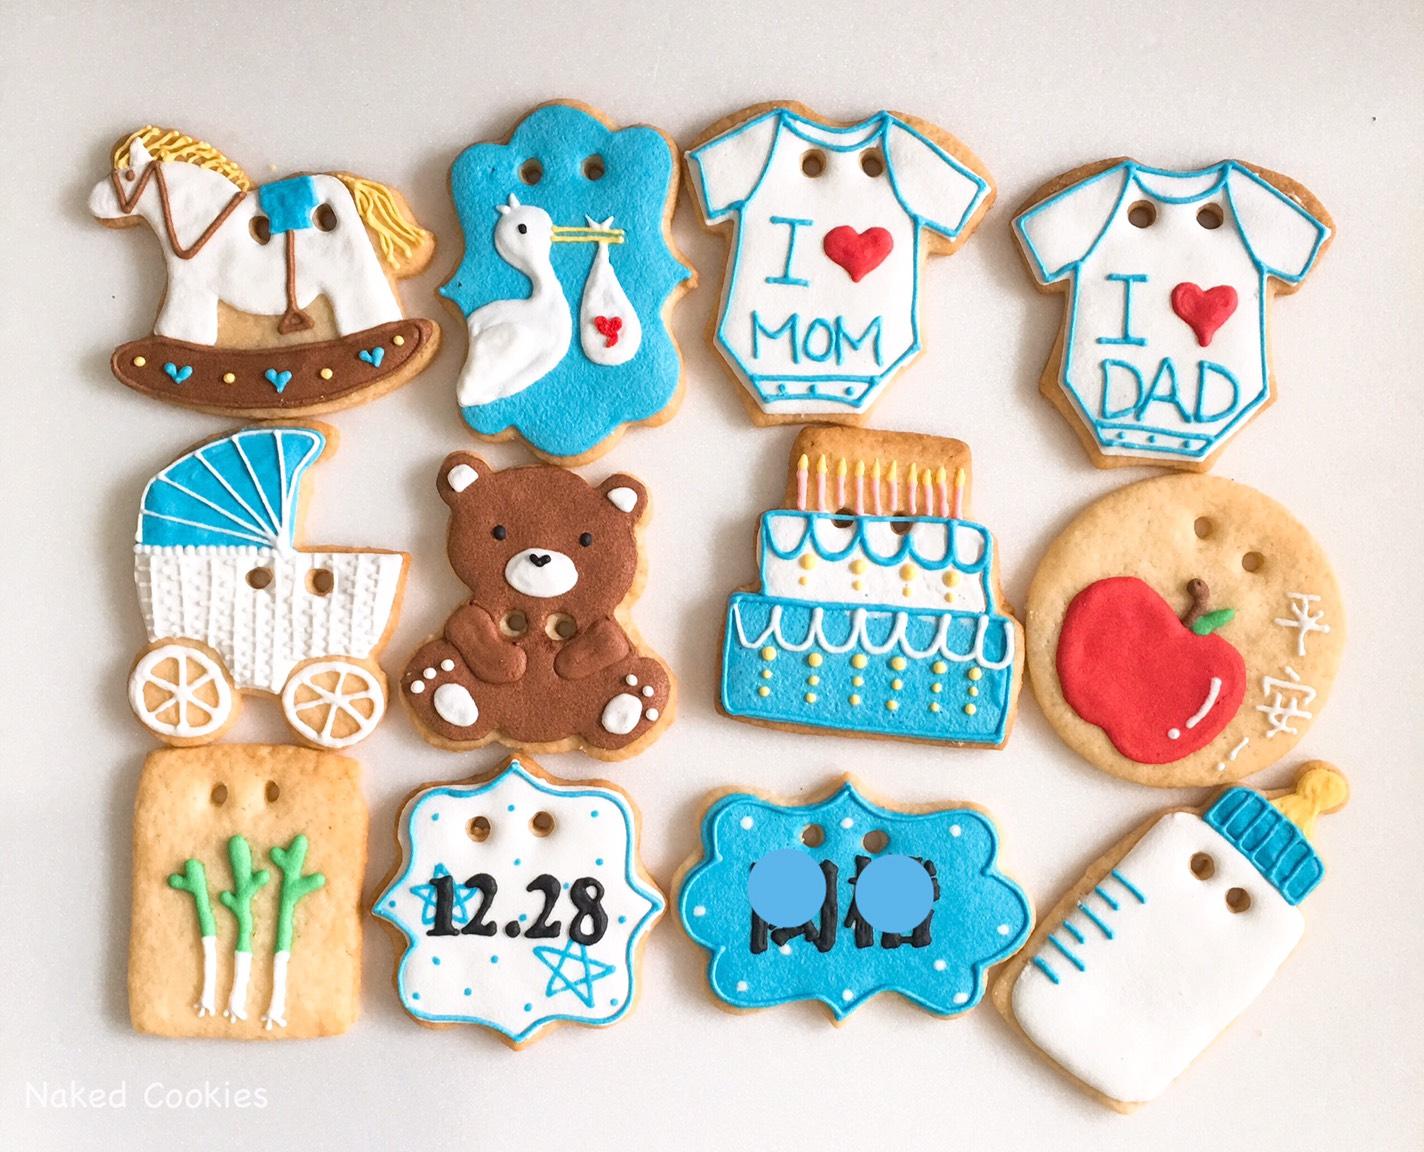 【裸餅乾Naked Cookies】男寶寶收涎12入(不挑款不挑色)-創意手工糖霜餅乾,婚禮/生日/活動/收涎/彌月